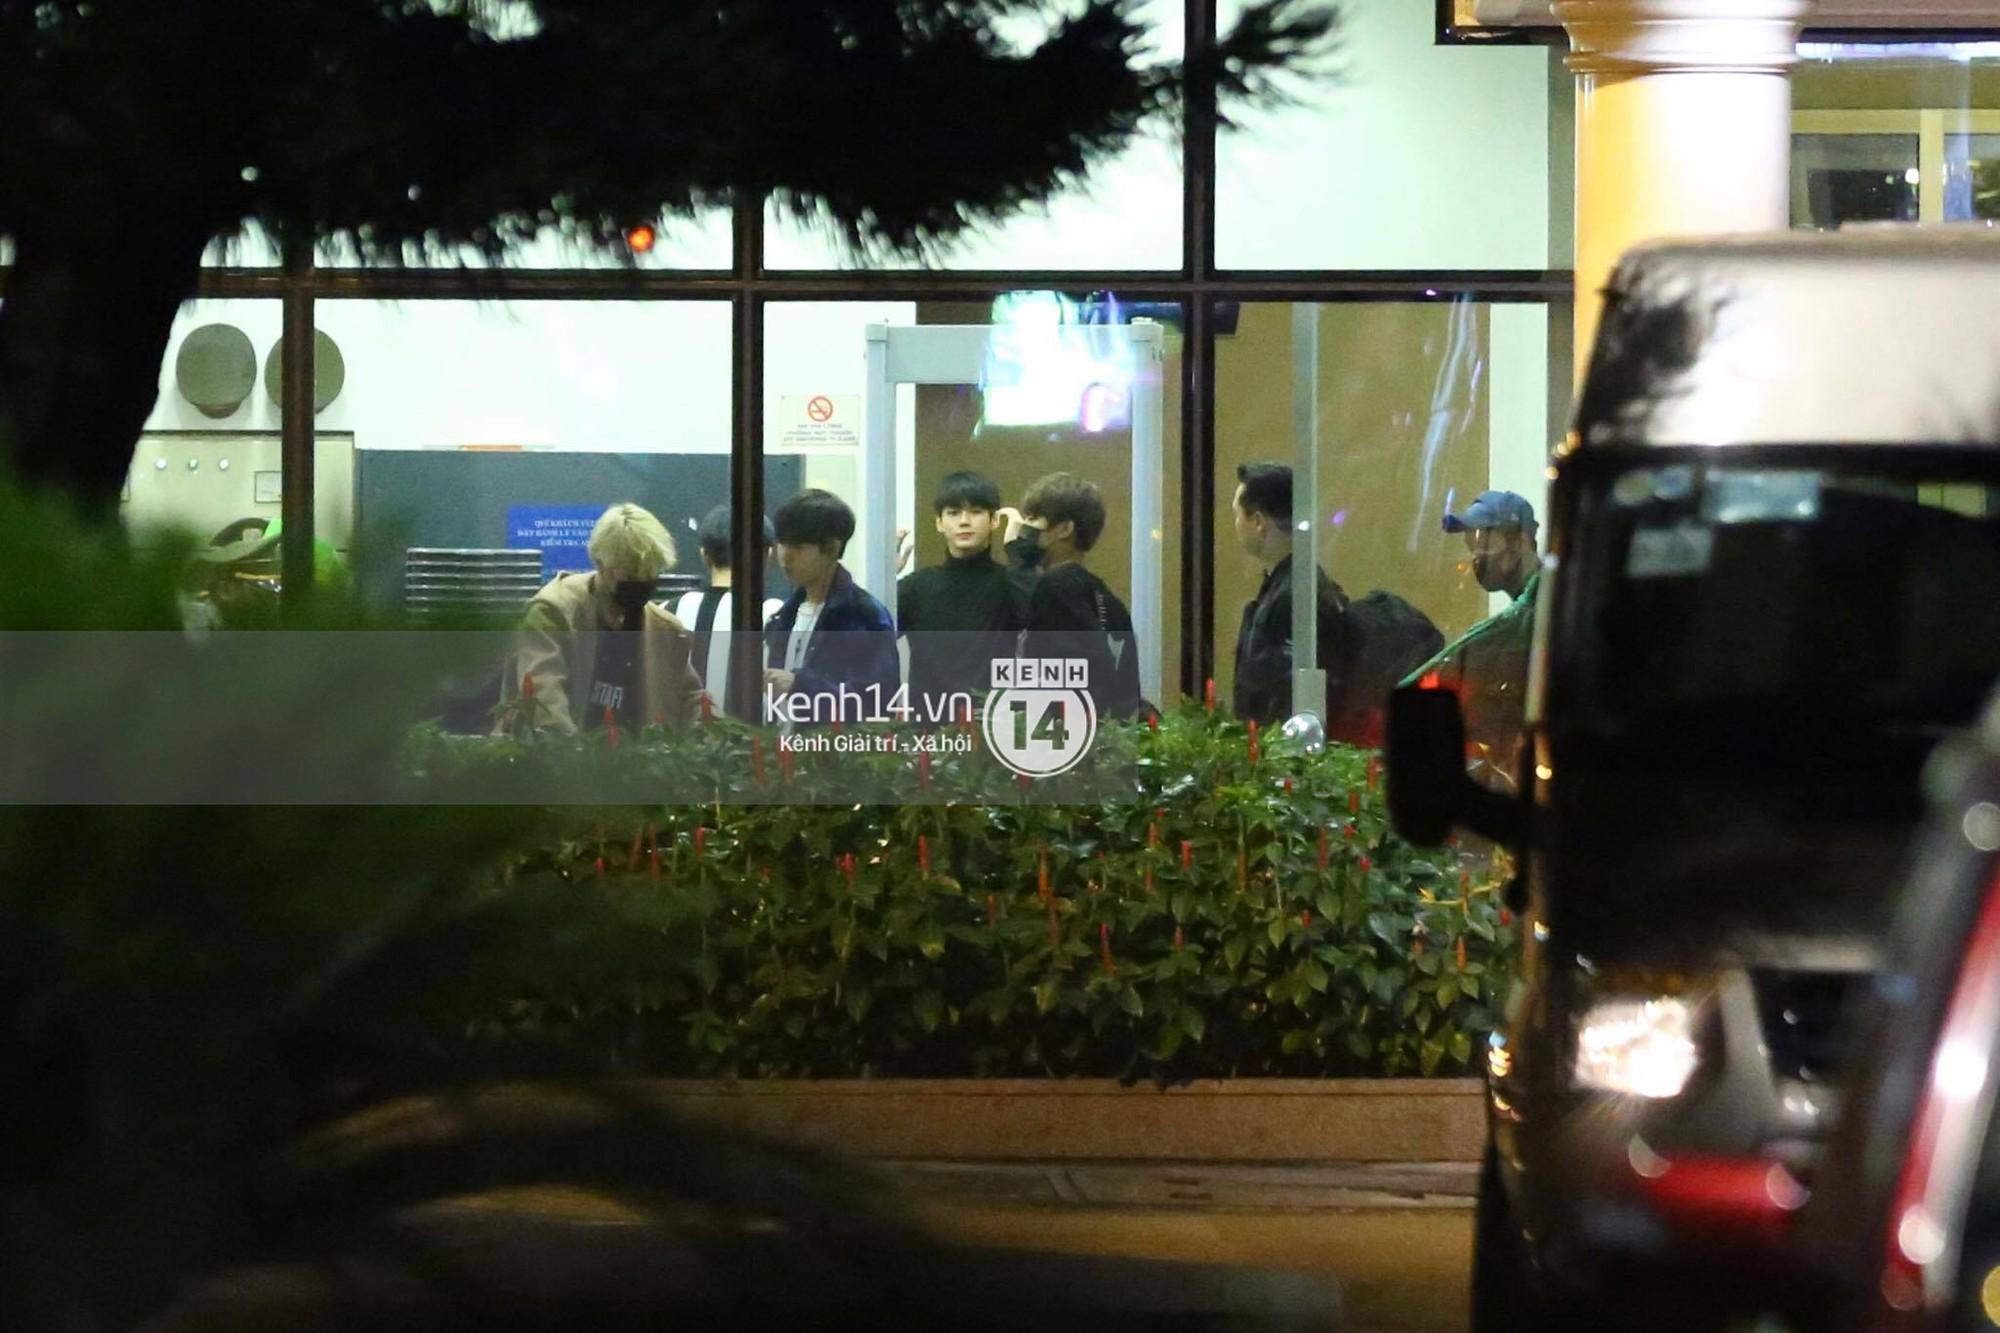 Hình ảnh đối lập: Kết thúc MAMA, Samuel khí thế vẫy tay chào fan Việt, Wanna One ngủ say mặc kệ người hâm mộ - Ảnh 15.